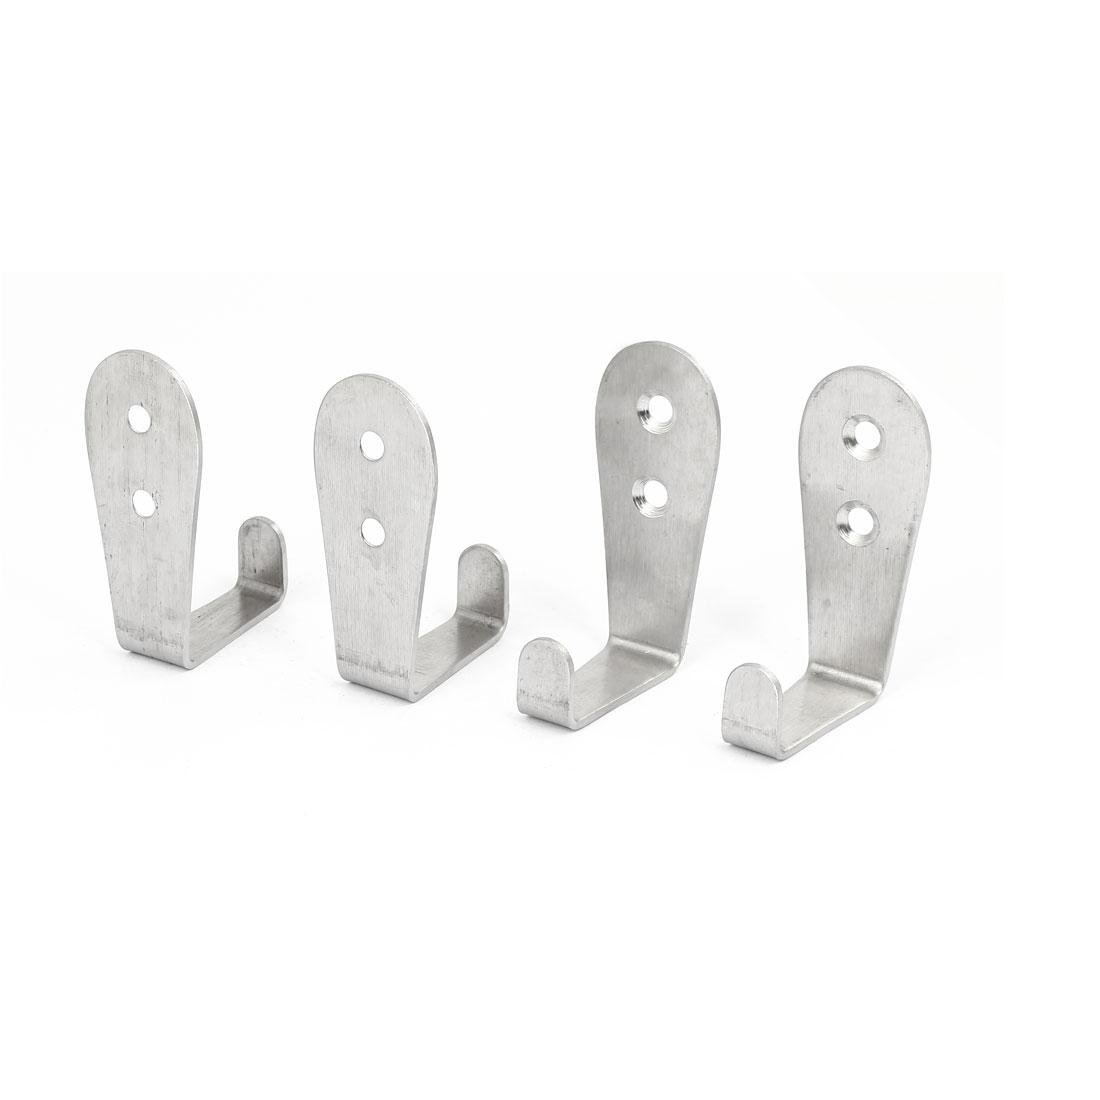 Bathroom Wall Door Coat Cap Stainless Steel 7 Shape Hanger Hook 2mm Thick 4pcs